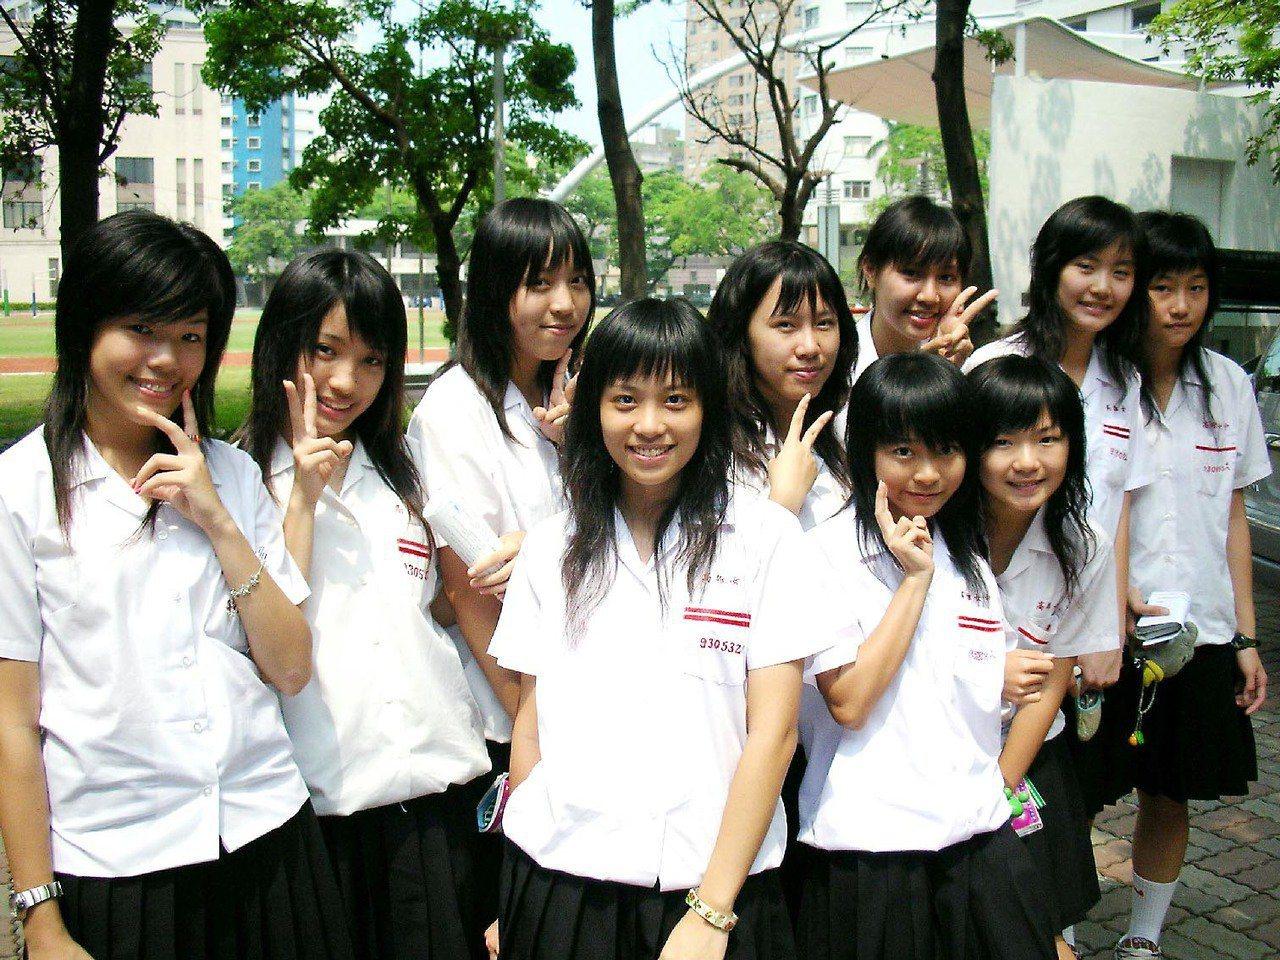 女學生髮禁開放前髮型(左)與開放後髮型(右)。